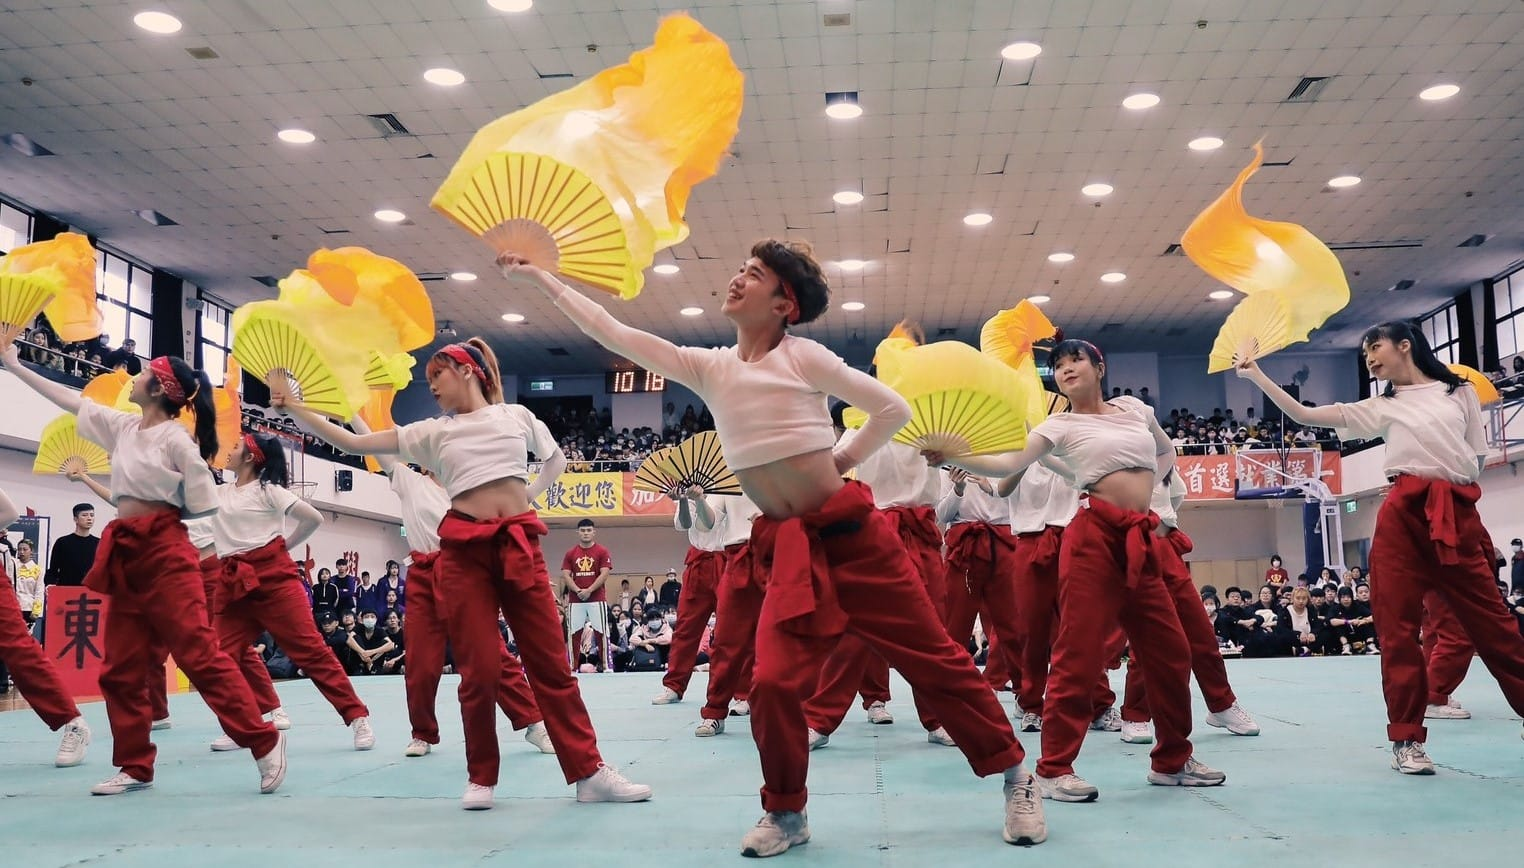 東南科大表藝系結合文化傳統元素啦啦隊,創新突破一舉奪下冠軍等三大獎